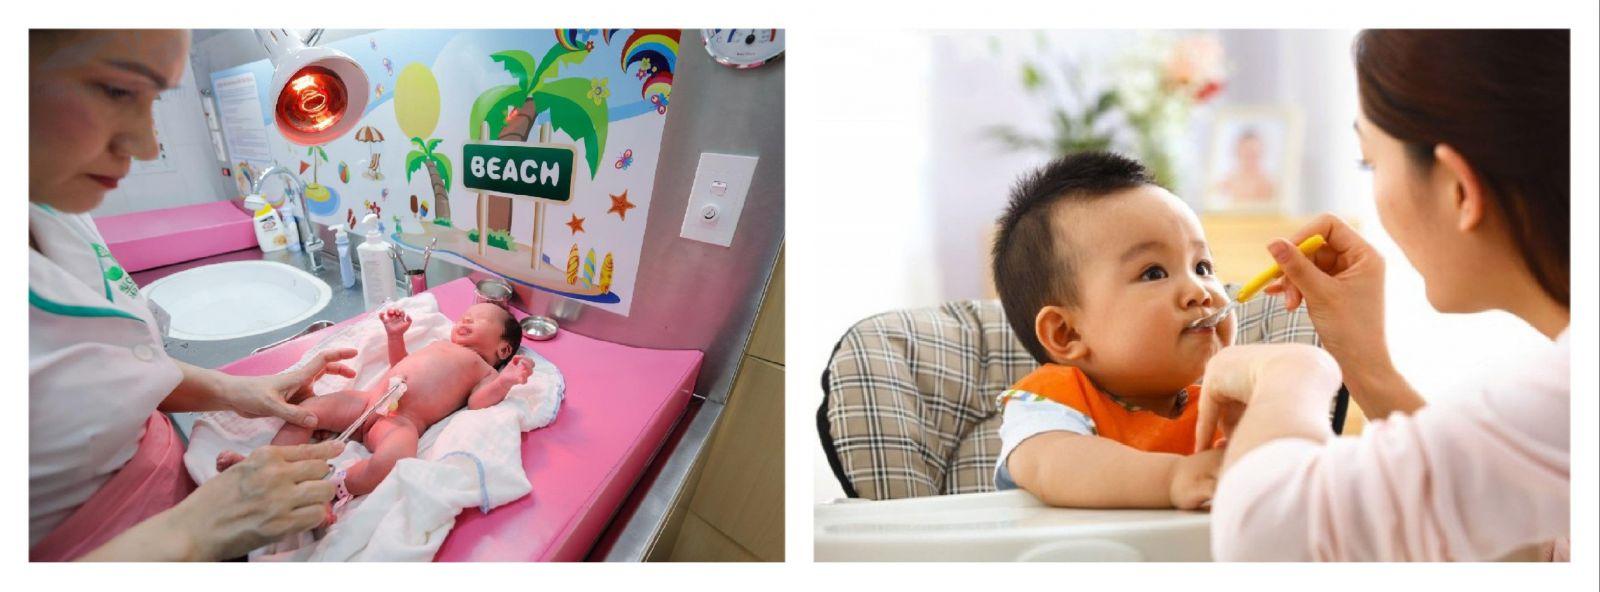 Giúp việc chăm sóc em bé tại quận 8